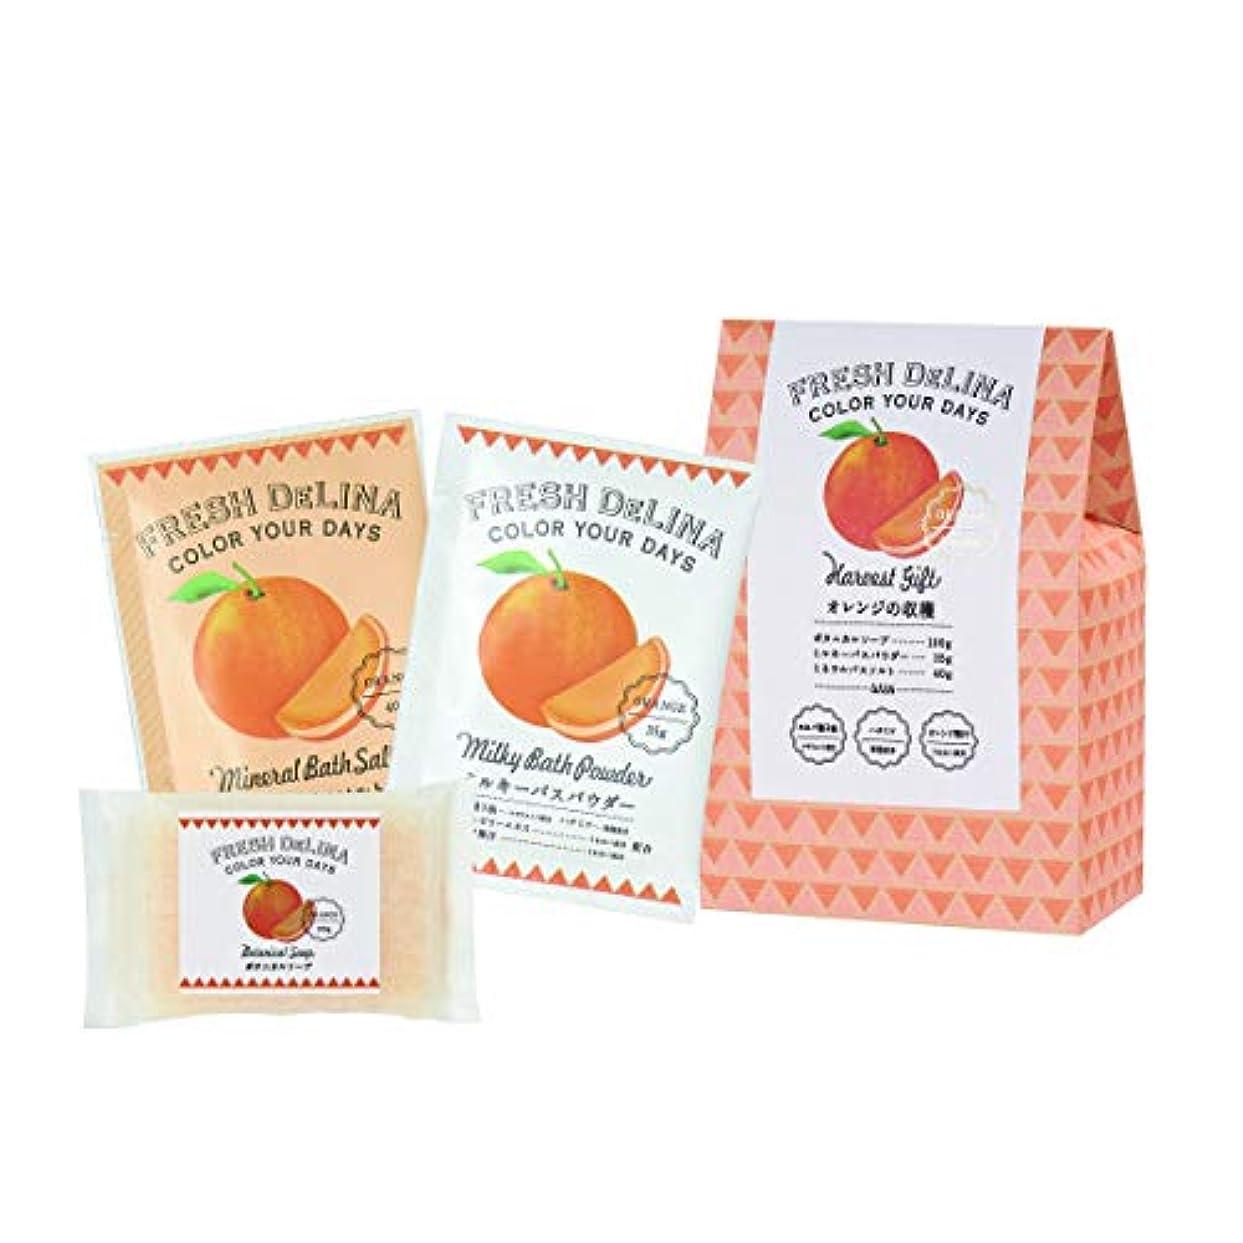 パッチ傑出した主流フレッシュデリーナ ハーベストギフト オレンジ (ミルキバスパウダー35g、ミネラルバスソルト40g、ボタニカルソープ100g 「各1個」)